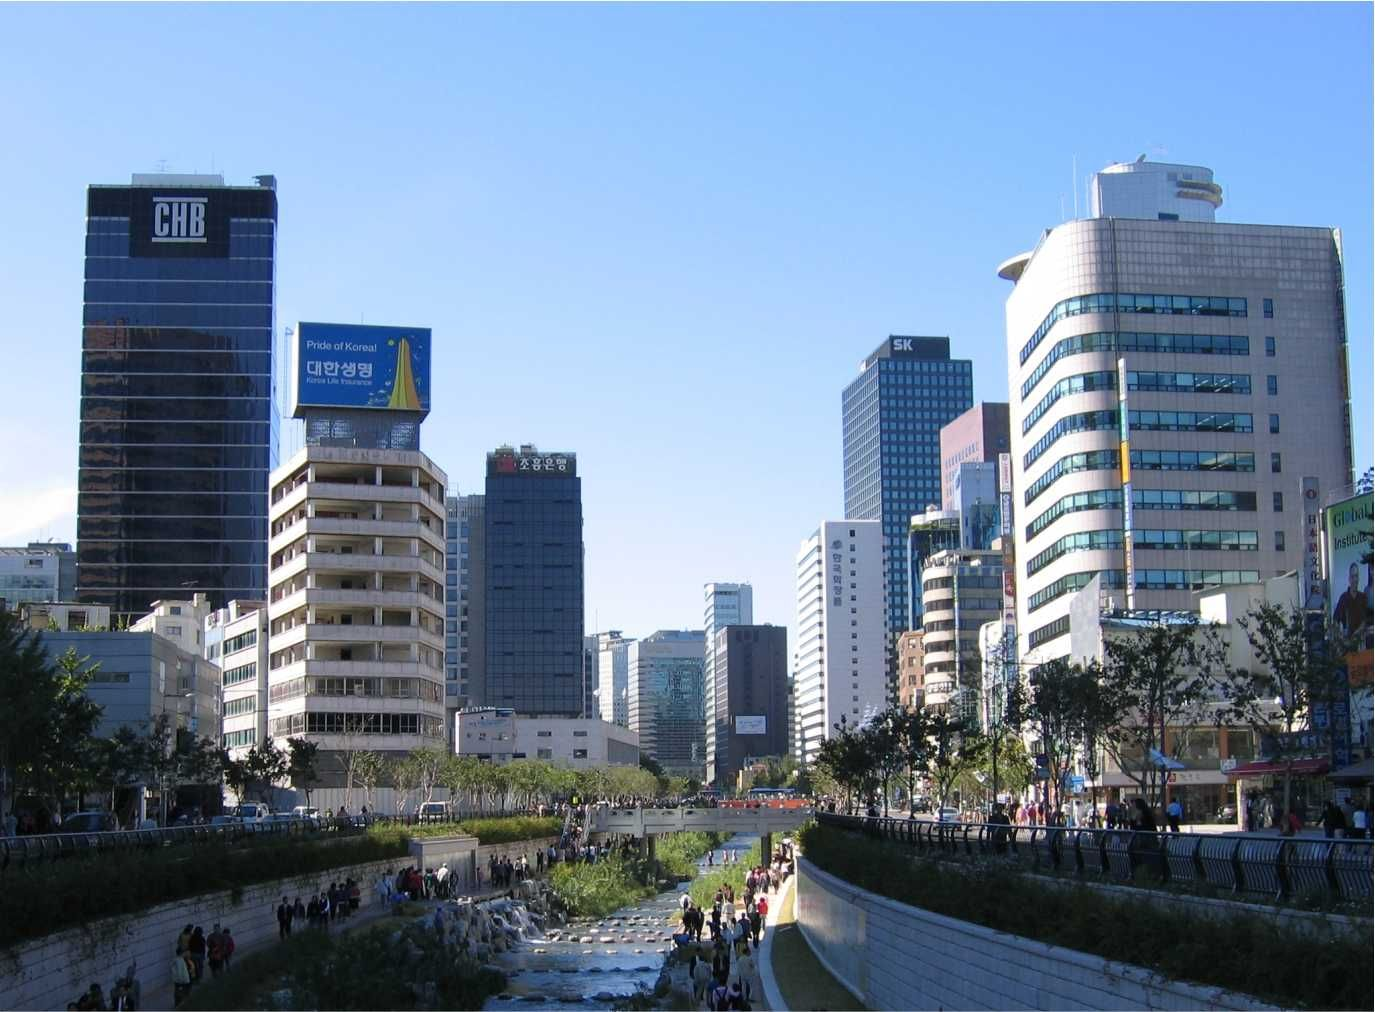 Seul é a capital, bem como a maior e mais importante cidade da Coreia do Sul, situada no noroeste do país, nas margens do Rio Han É a oitava cidade mais populosa do mundo e sua área metropolitana, por sua vez, que inclui a cidade de periférica de Incheon, engloba cerca de 22,7 milhões de habitantes.